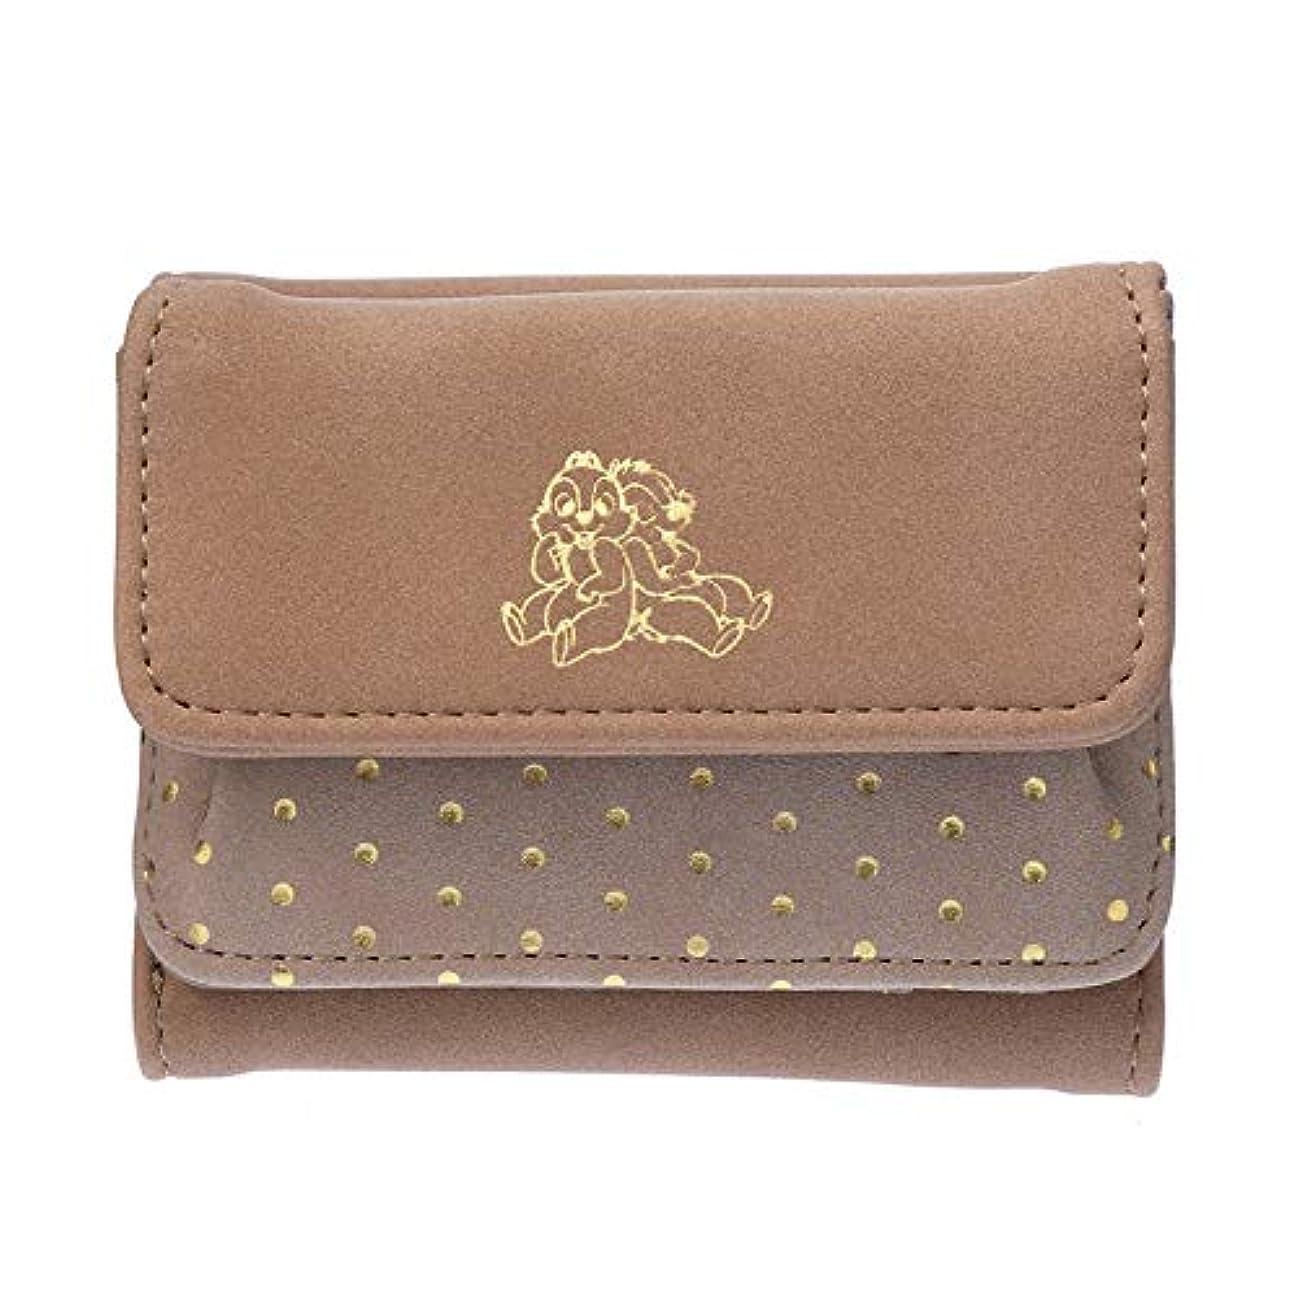 世界パーク安定したディズニーストア(公式)財布?ウォレット チップ&デール カラースウェード